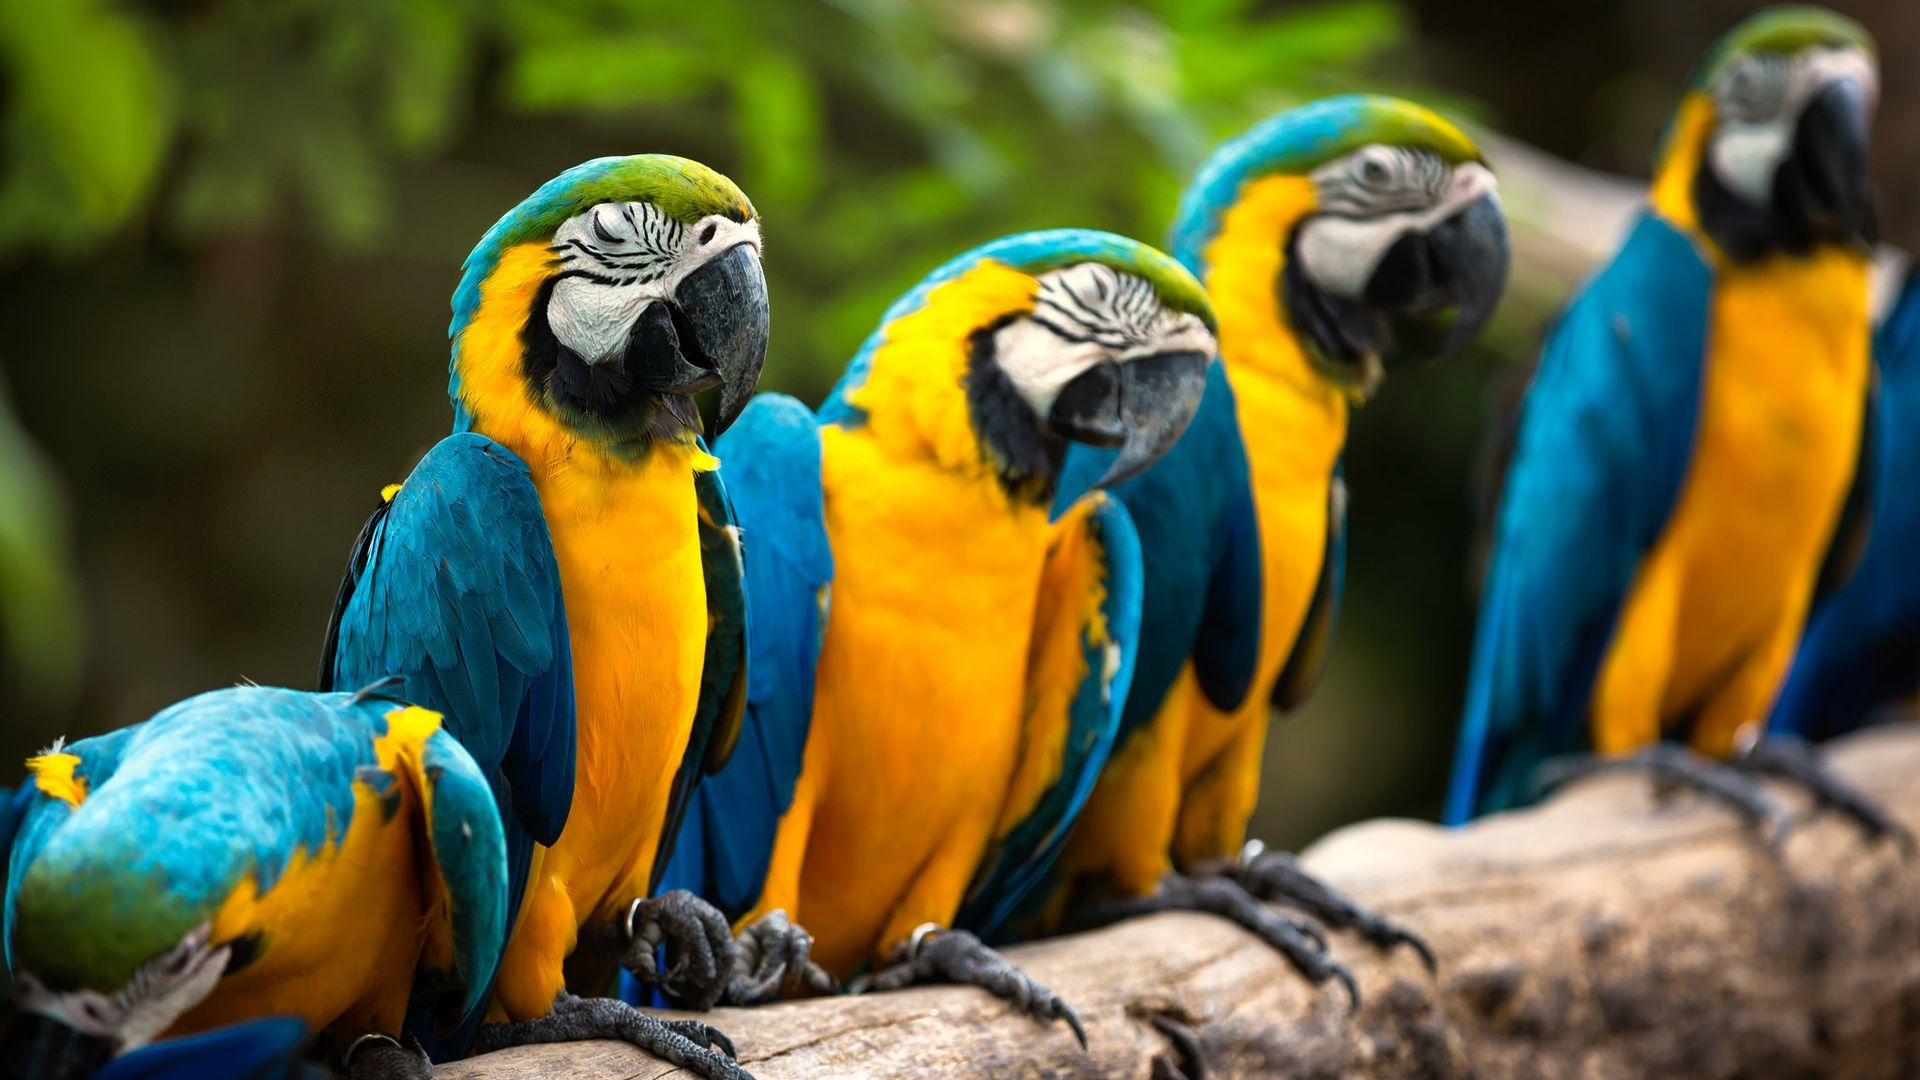 Pictures On The Desktop Parrots